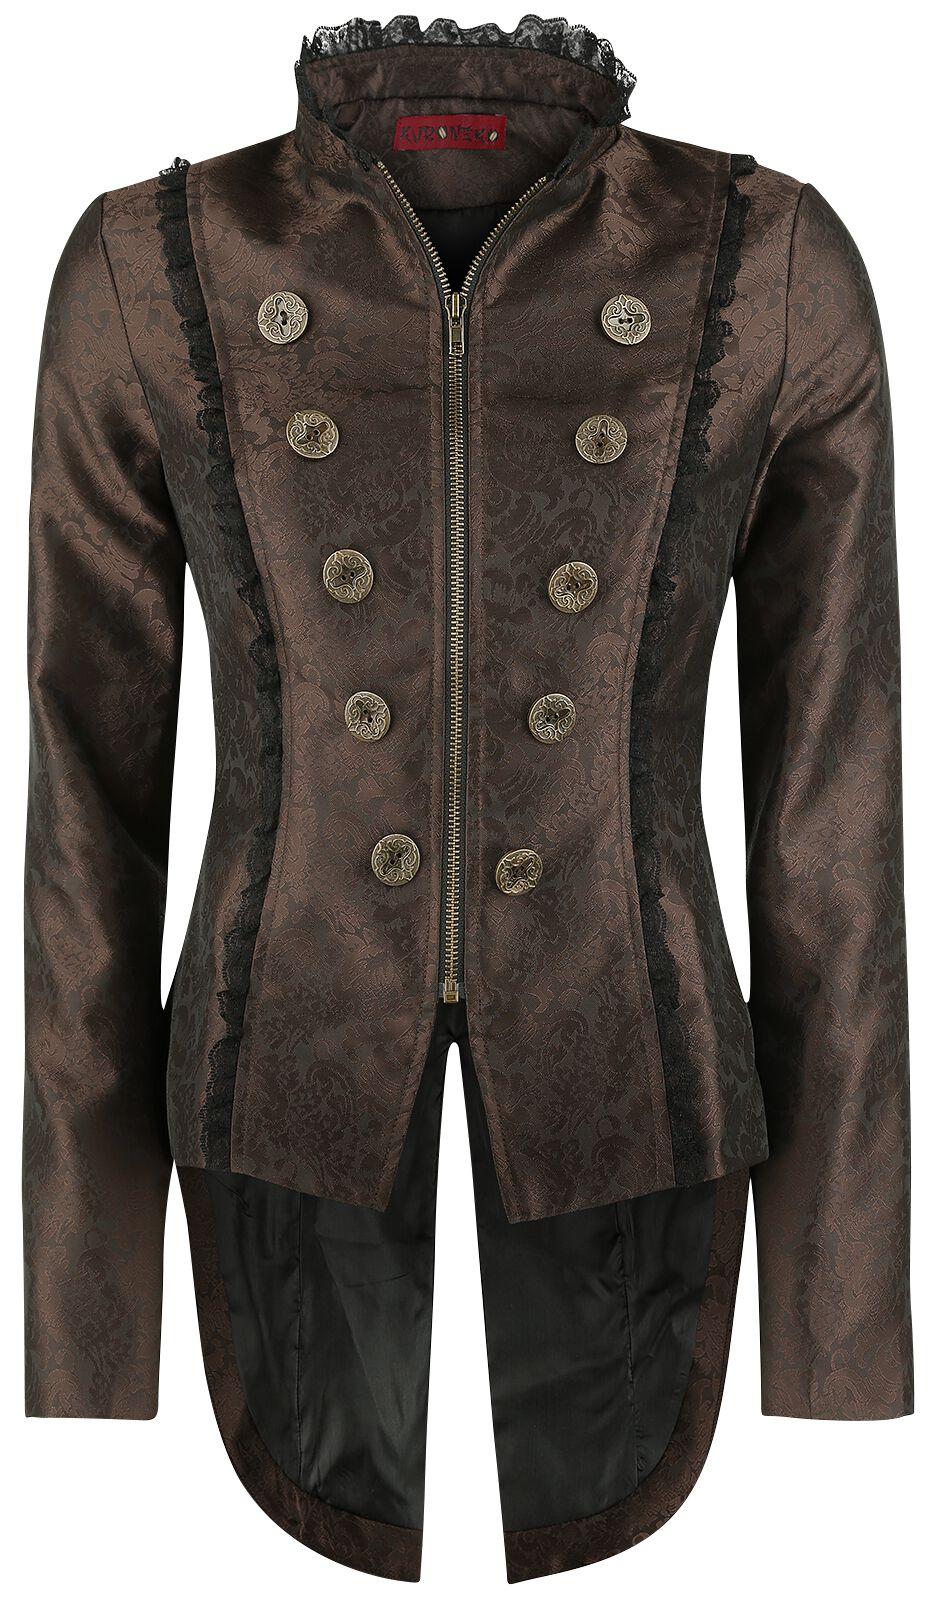 Marki - Kurtki - Kurtka damska Alcatraz Victorian Coat Kurtka damska brązowy/czarmy - 345896